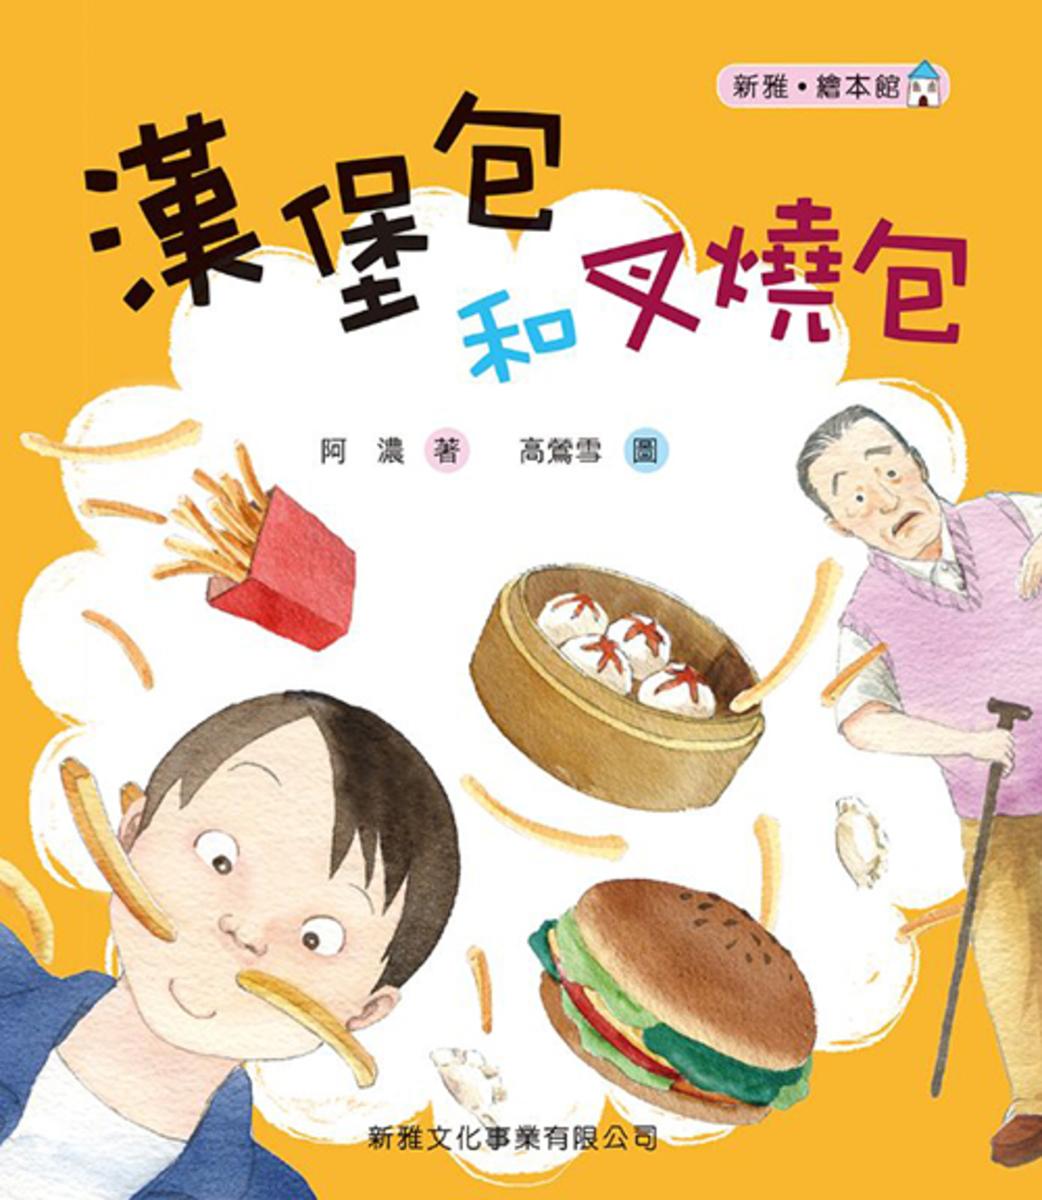 漢堡包和叉燒包[新雅‧繪本館]